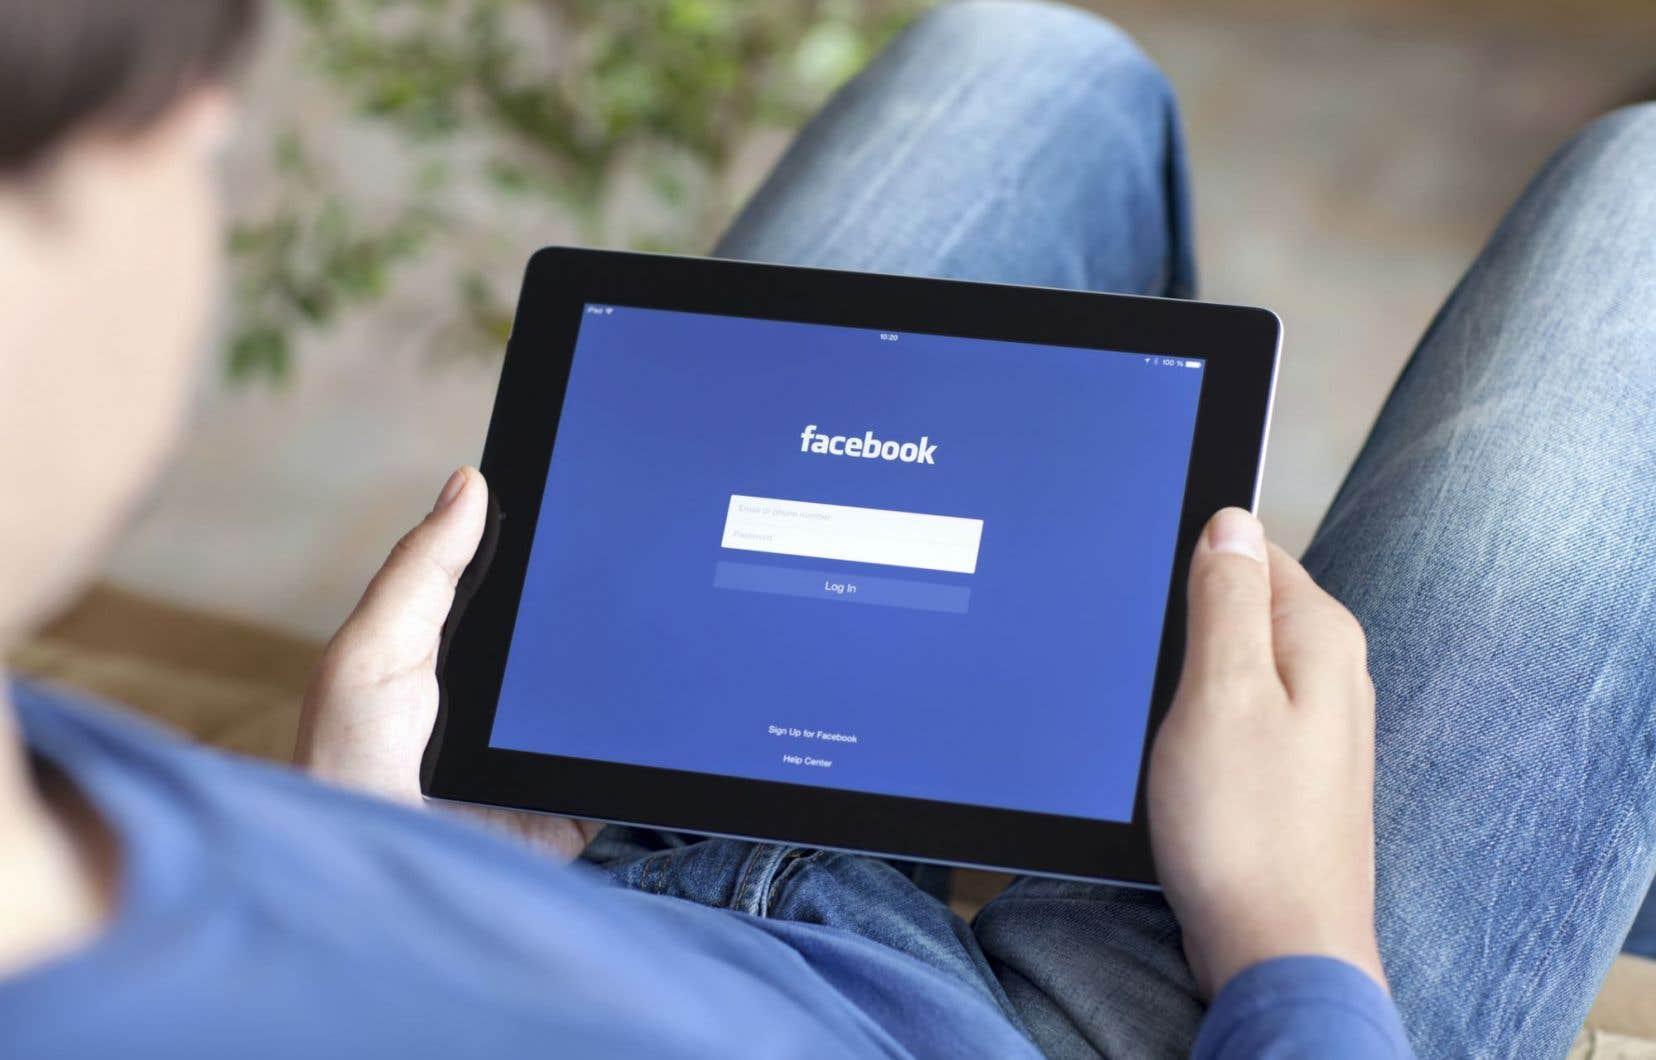 «Que se passerait-il si M. Facebook, dans un nouvel élan de sociabilisation, avait le culot d'envoyer des demandes d'amitié à des individus que je détestais?» se demande Alain Roy.